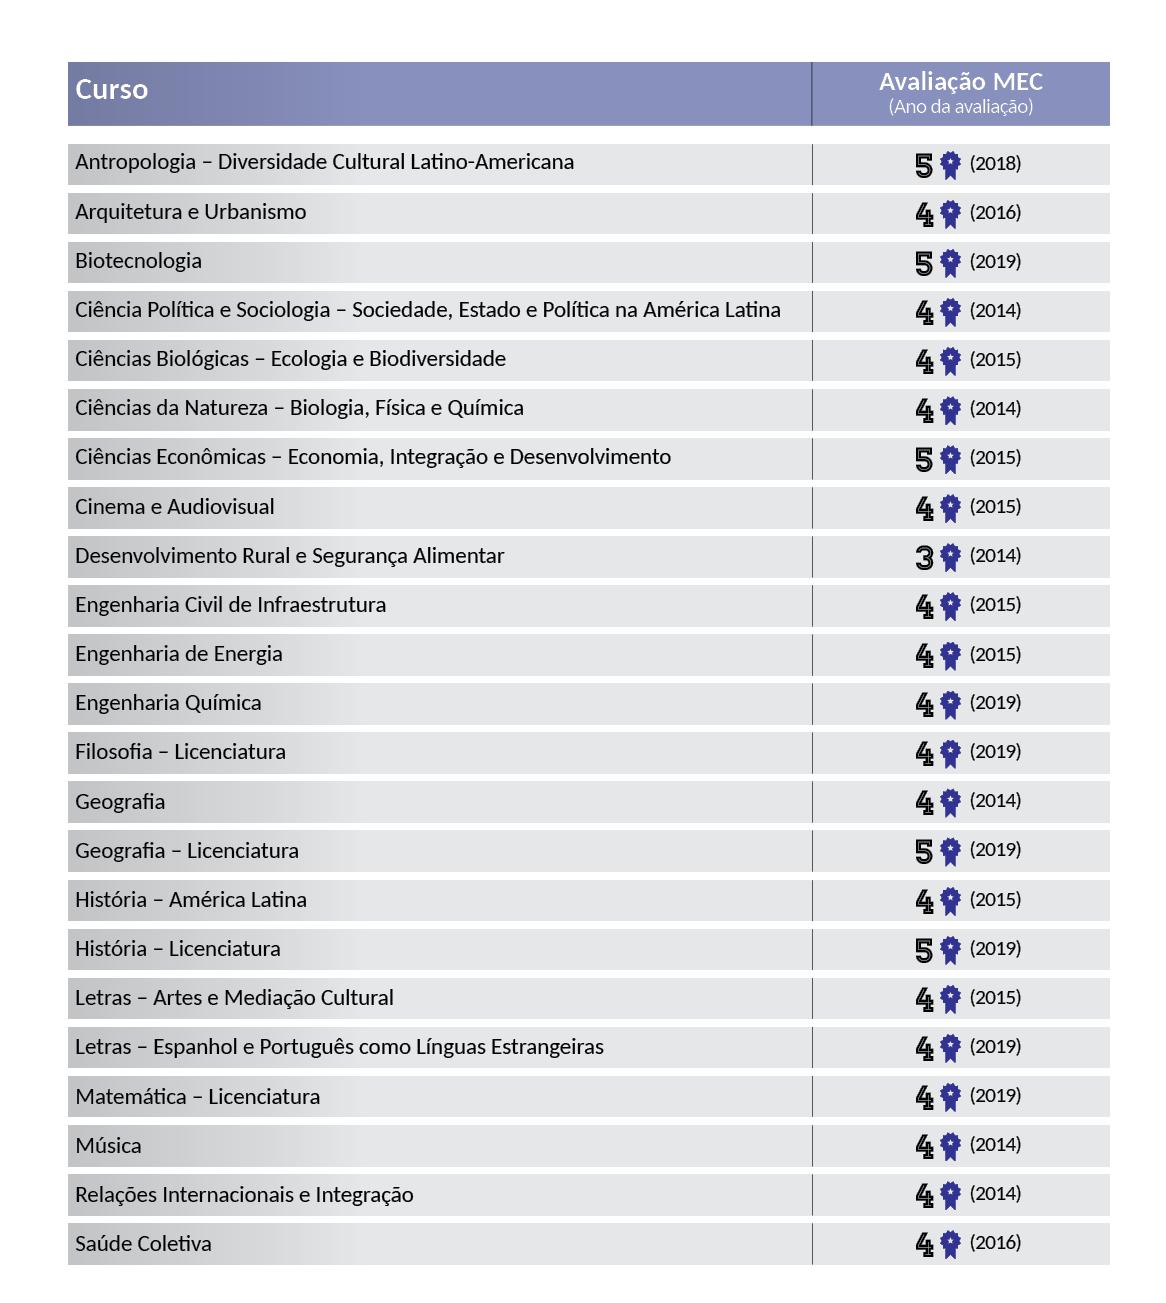 Lista de cursos da UNILA já avaliados pelo MEC